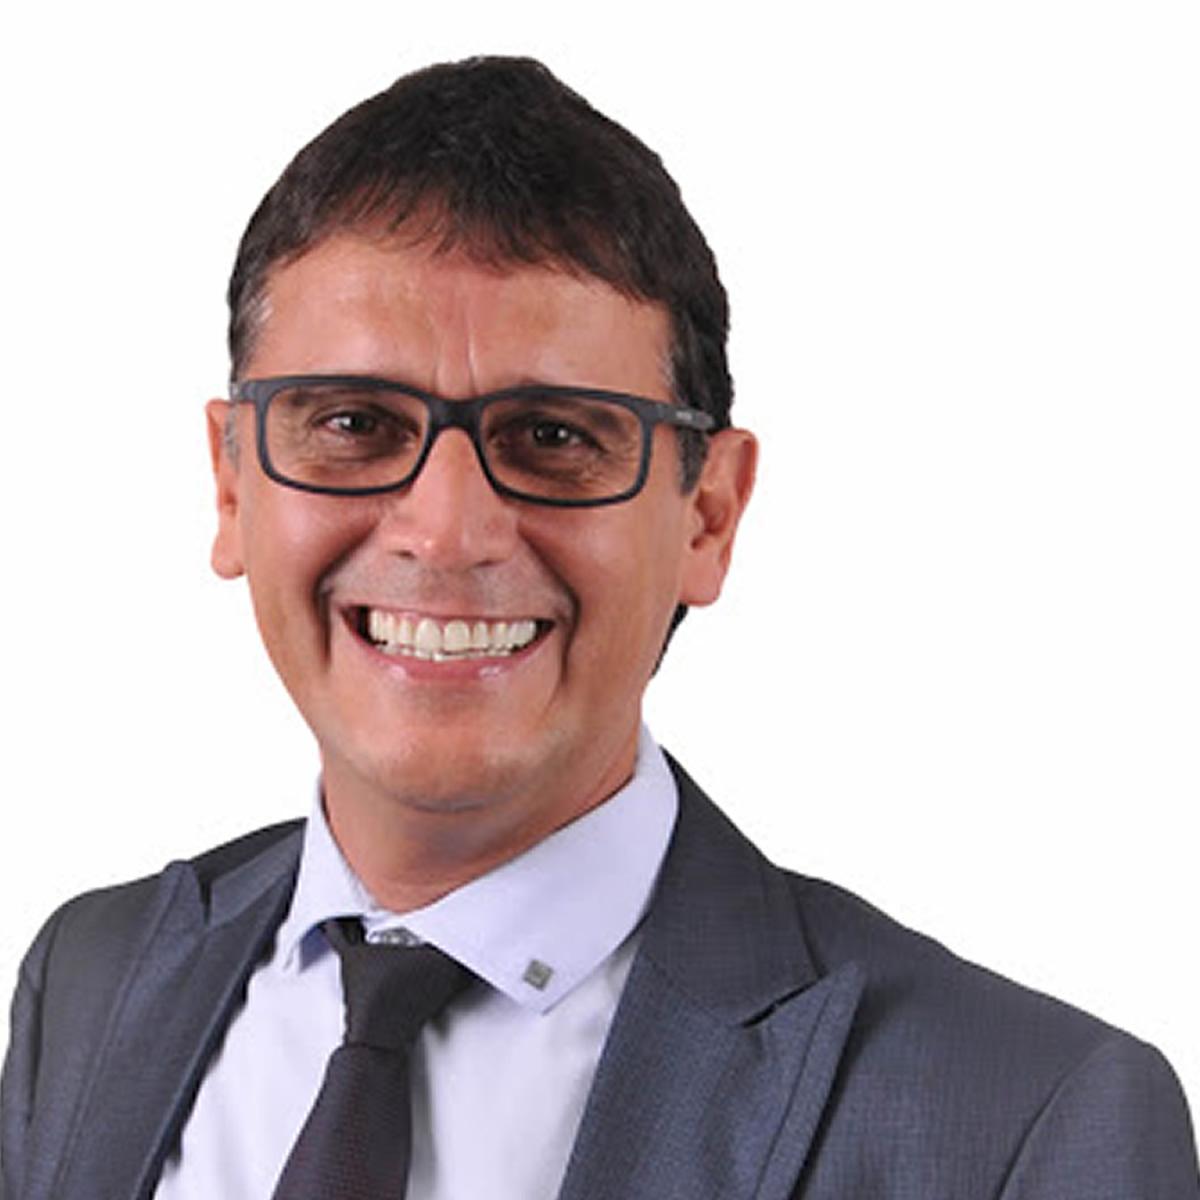 Sandro Parrini